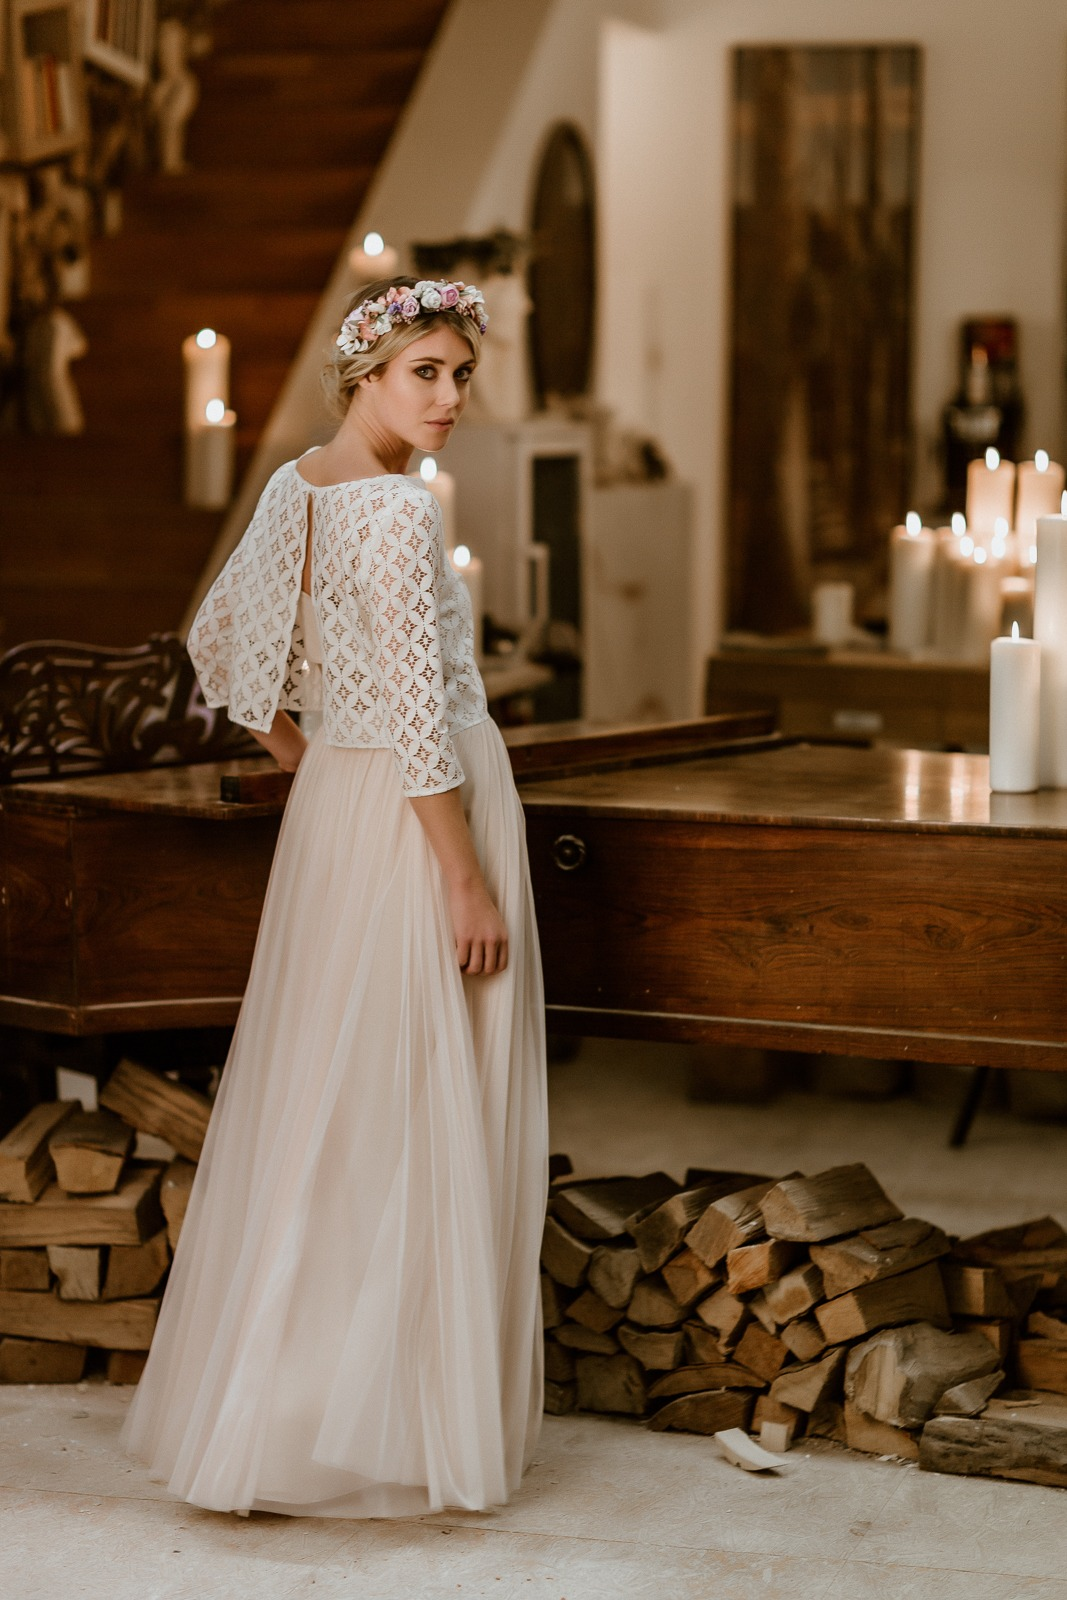 noni Jubiläumskollektion | langes Brautkleid mit Tüllrock in Puderrosa und Spitzentop, Ganzkörper-/Rückenansicht (Foto: Le Hai Linh)